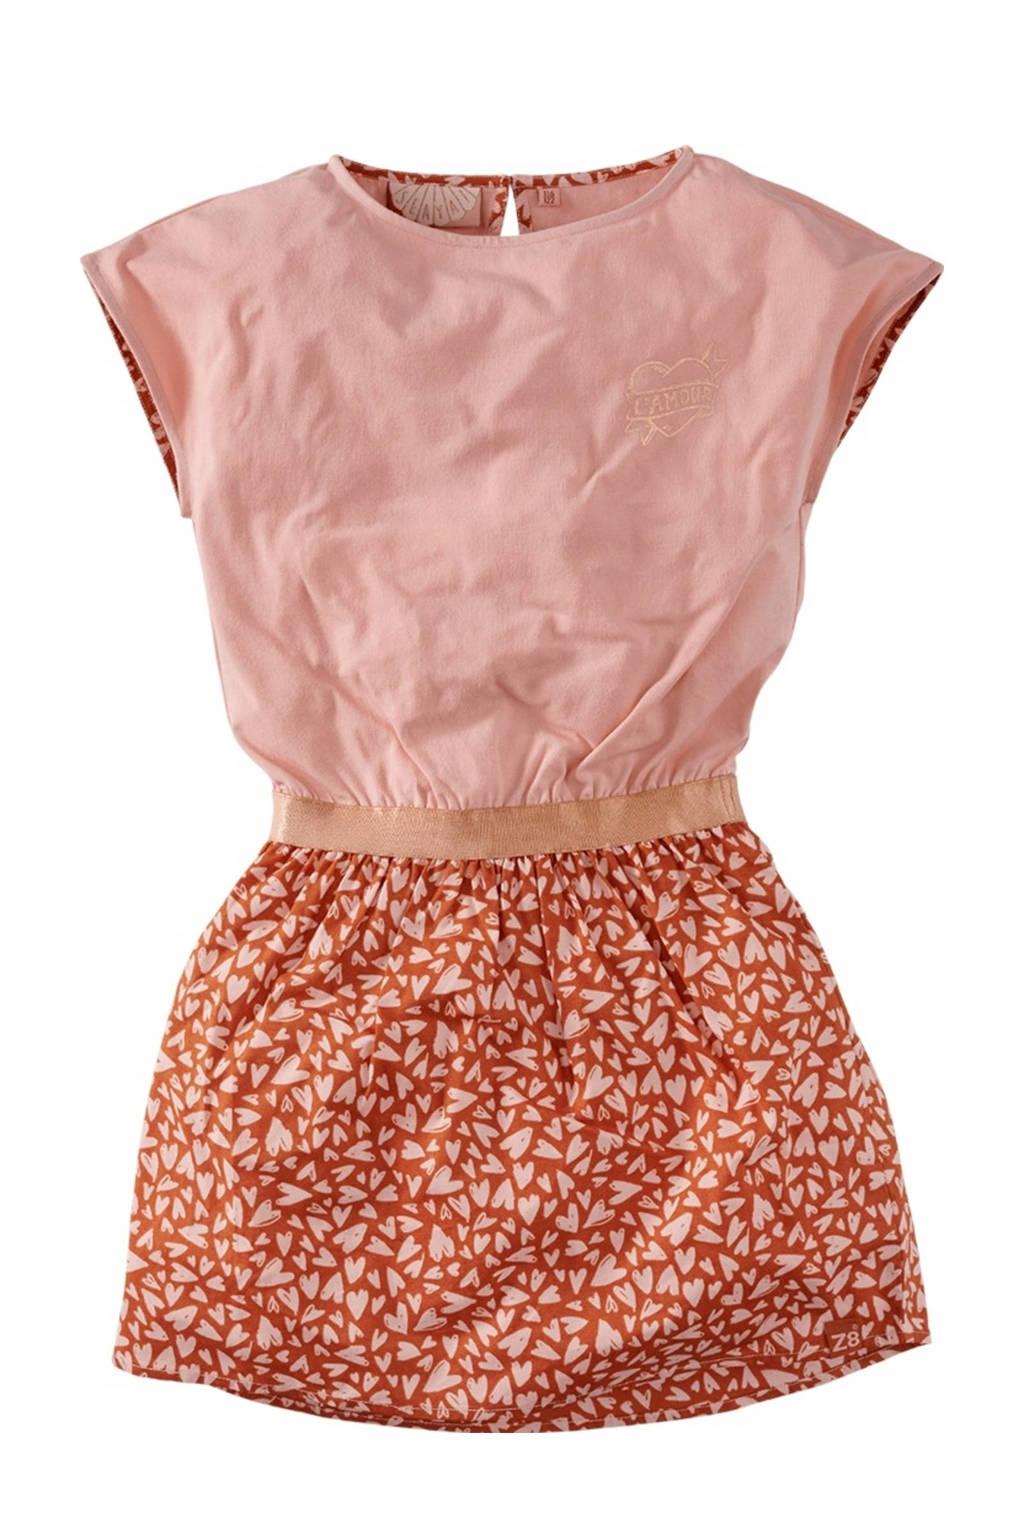 Z8 jurk Zuriel roestbruin/lichtroze, Roestbruin/lichtroze